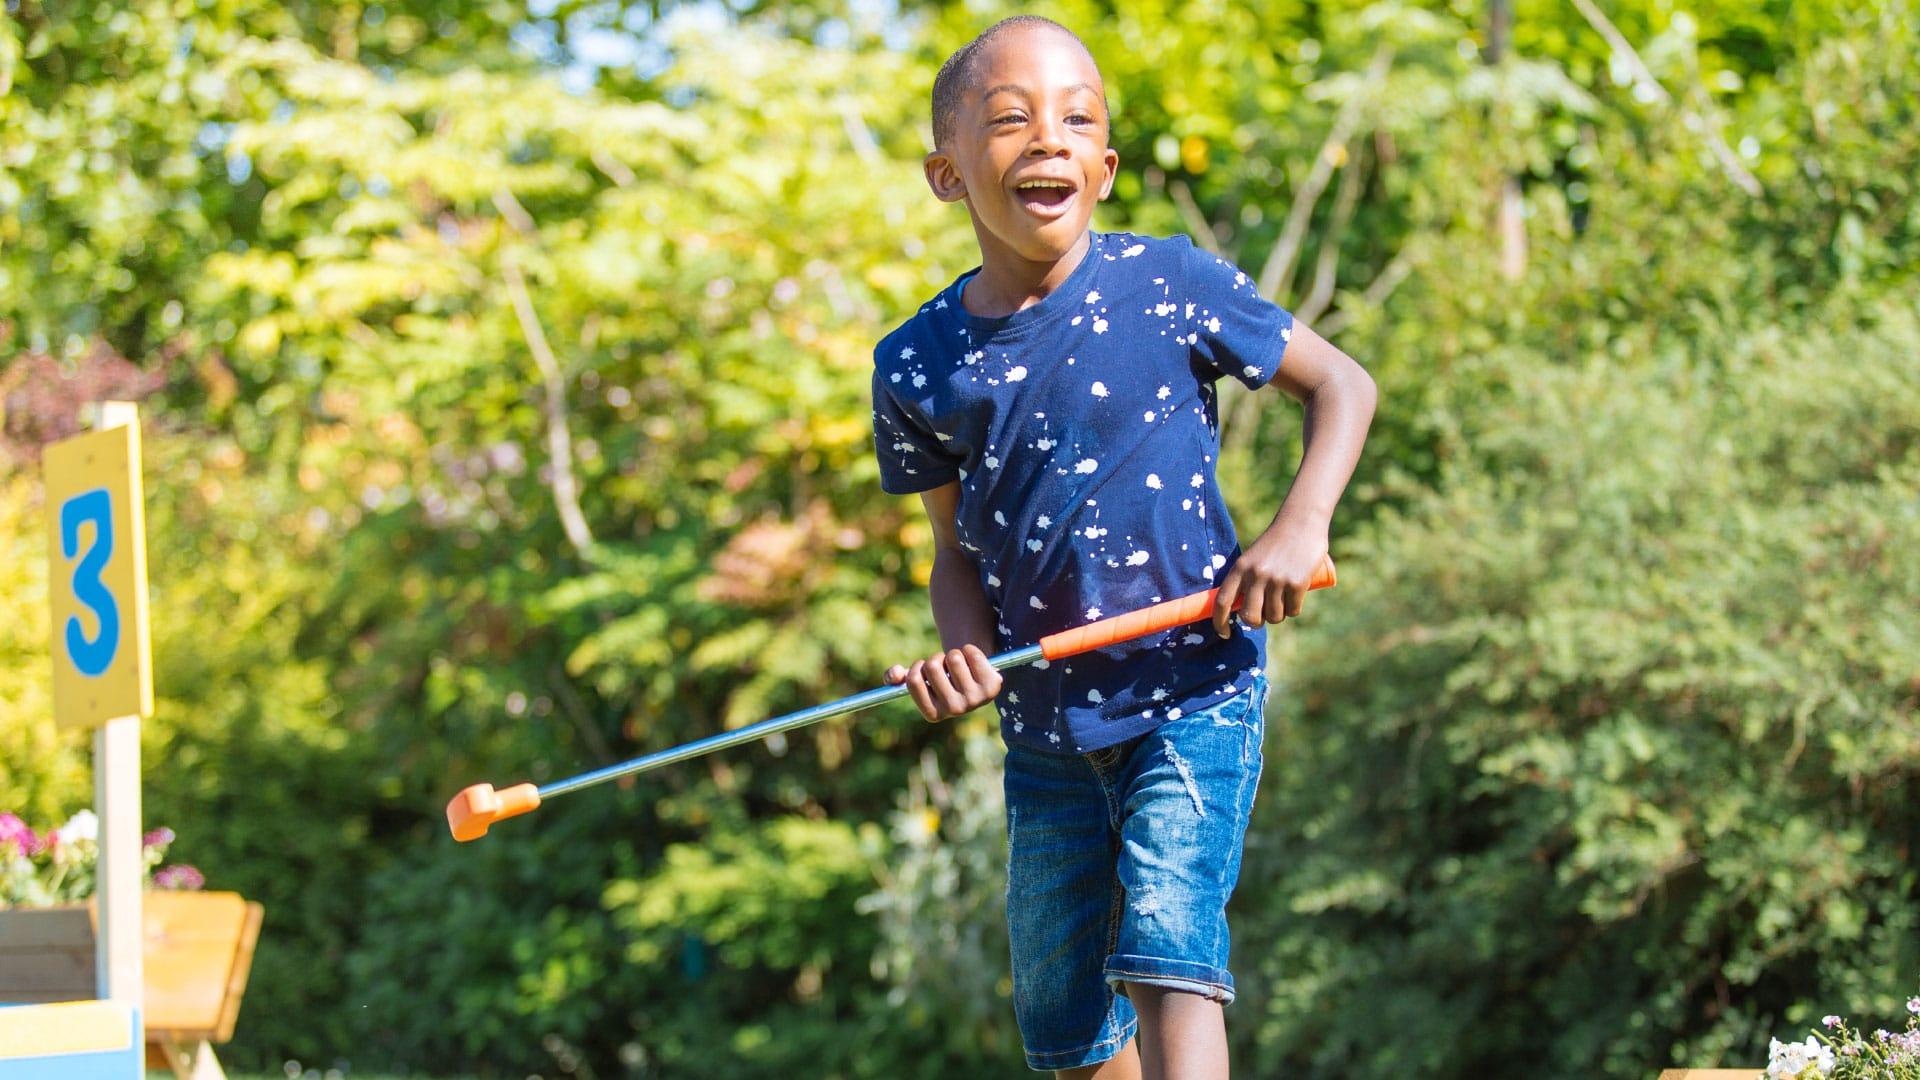 London-Fields-outdoor course kid having fun